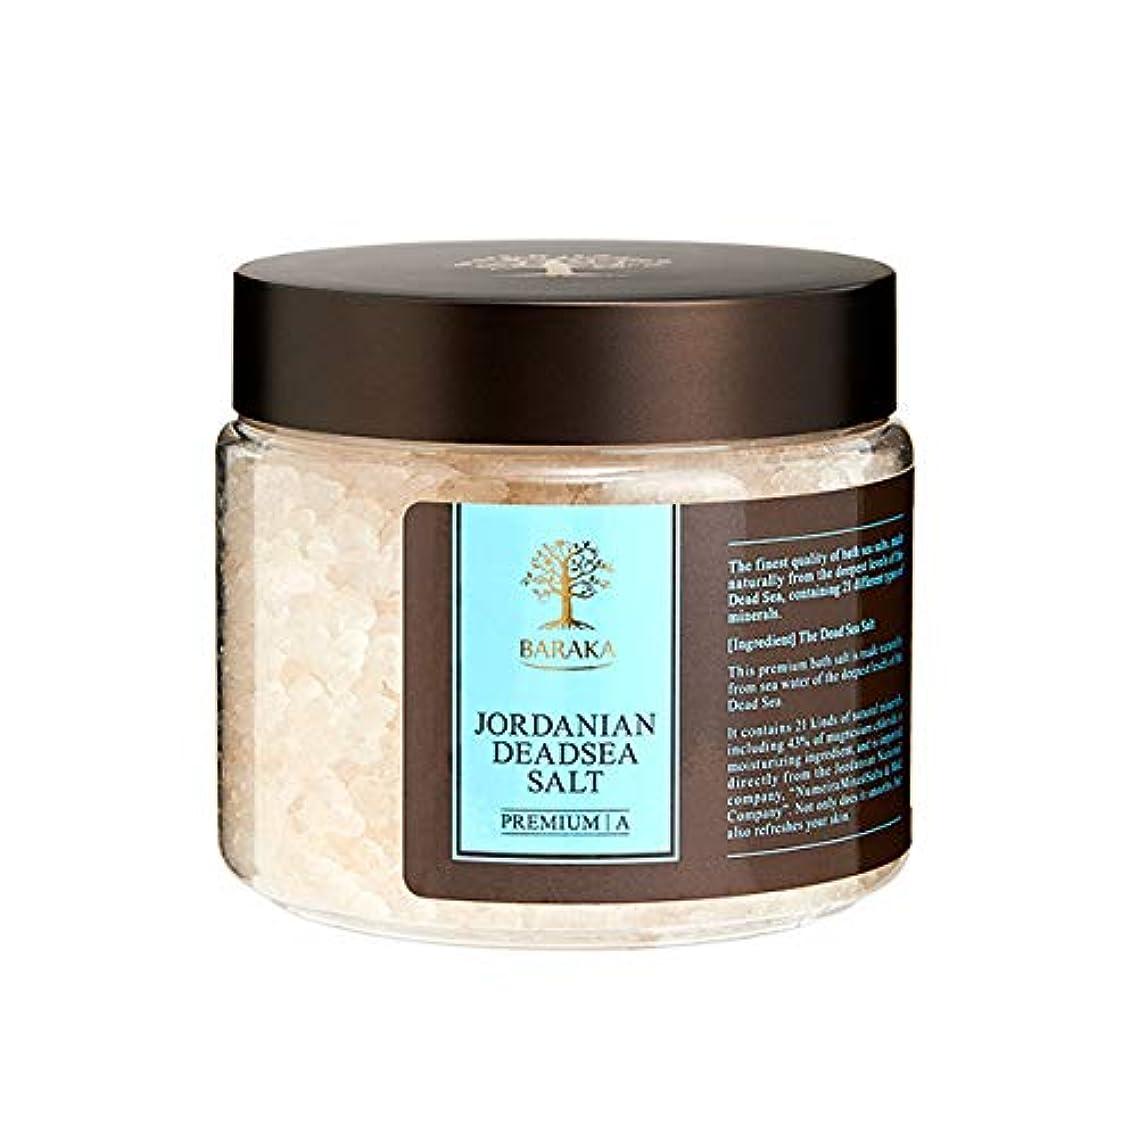 養う然としたスパークBARAKA(バラカ) ジョルダニアン デッドシー ソルト 500g バスソルト 入浴剤 ヨルダン産死海塩100%